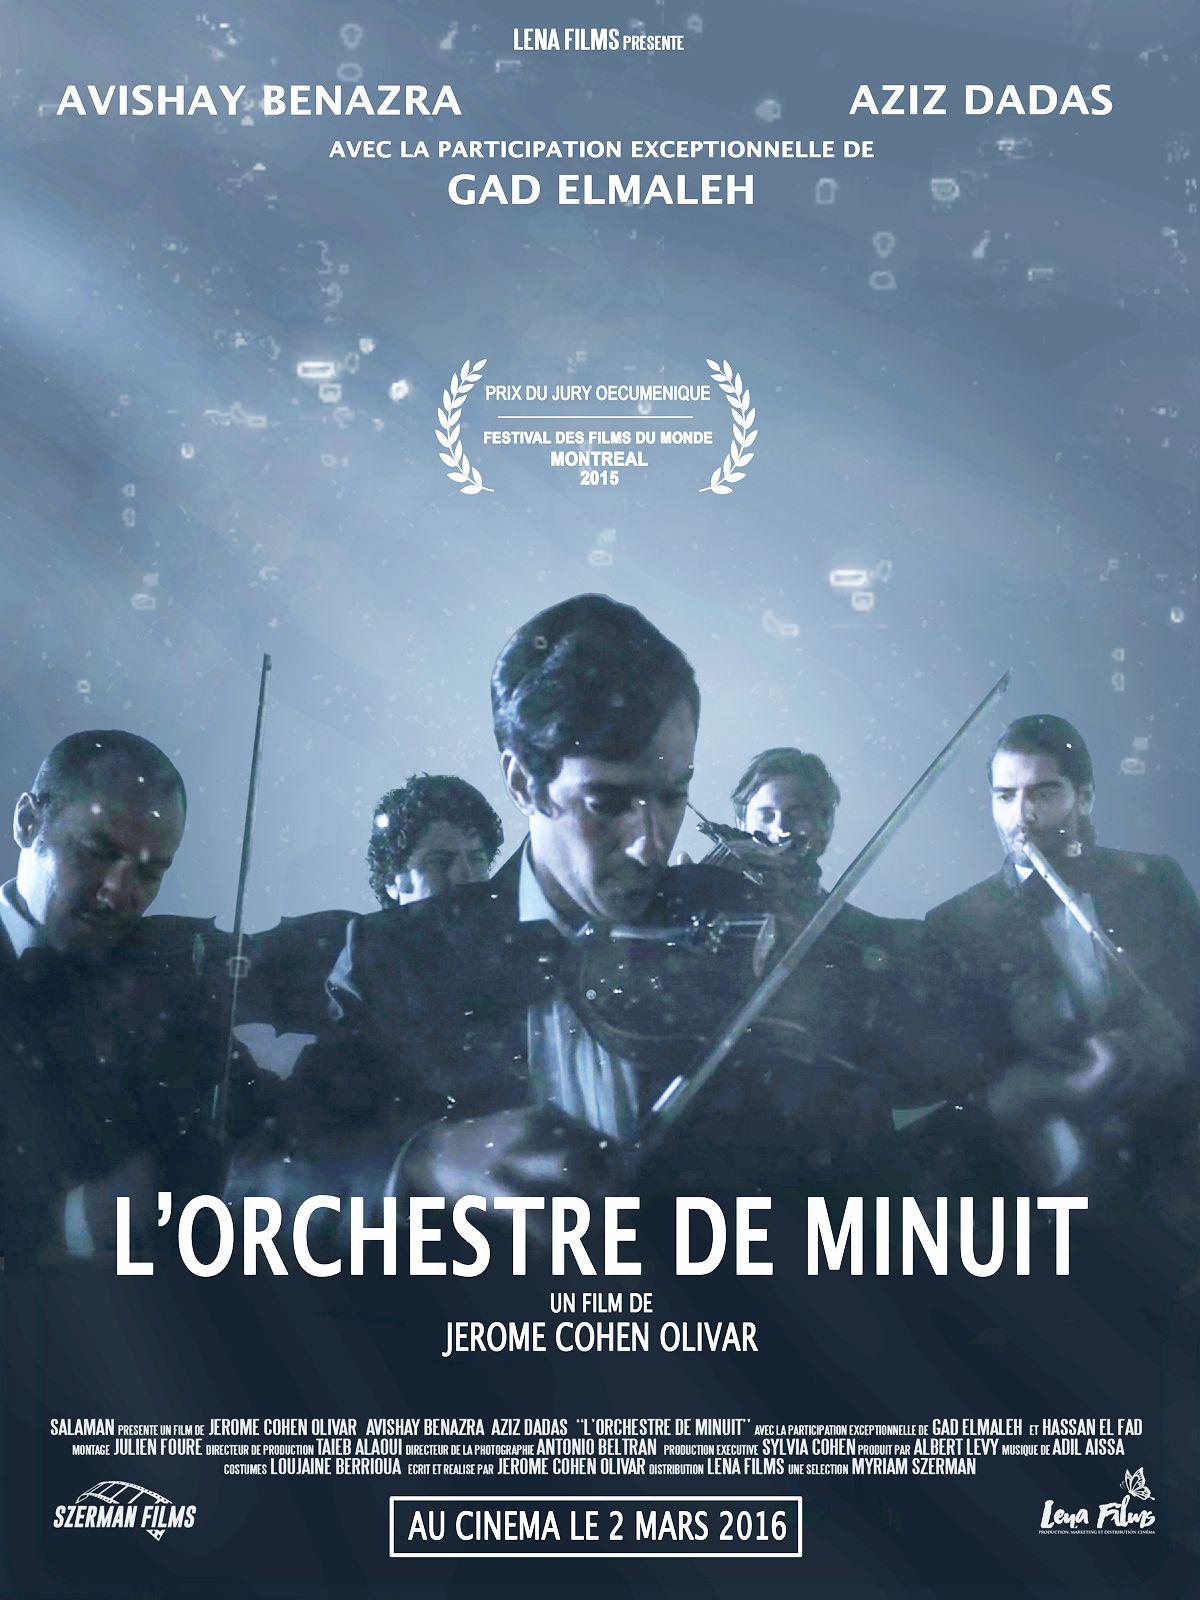 L'Orchestre de Minuit - Film (2016)